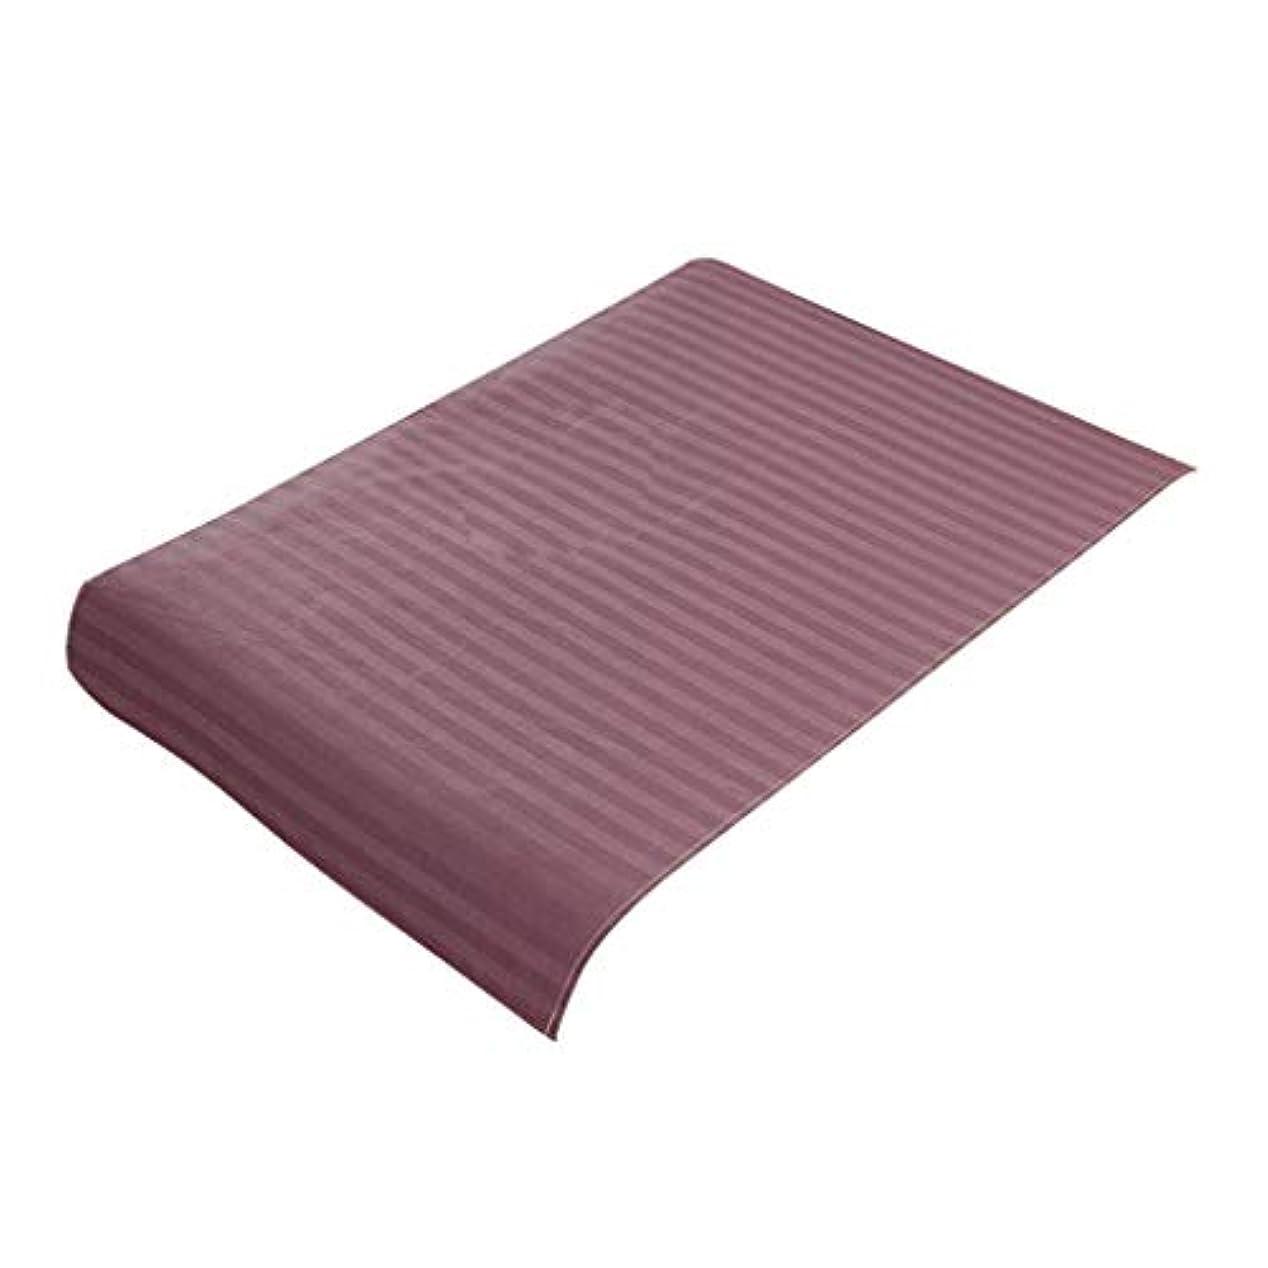 通り抜けるサーマル無駄美容ベッドカバー マッサージ台スカート コットン生地 スパ マッサージベッドカバー 全7色 - 紫